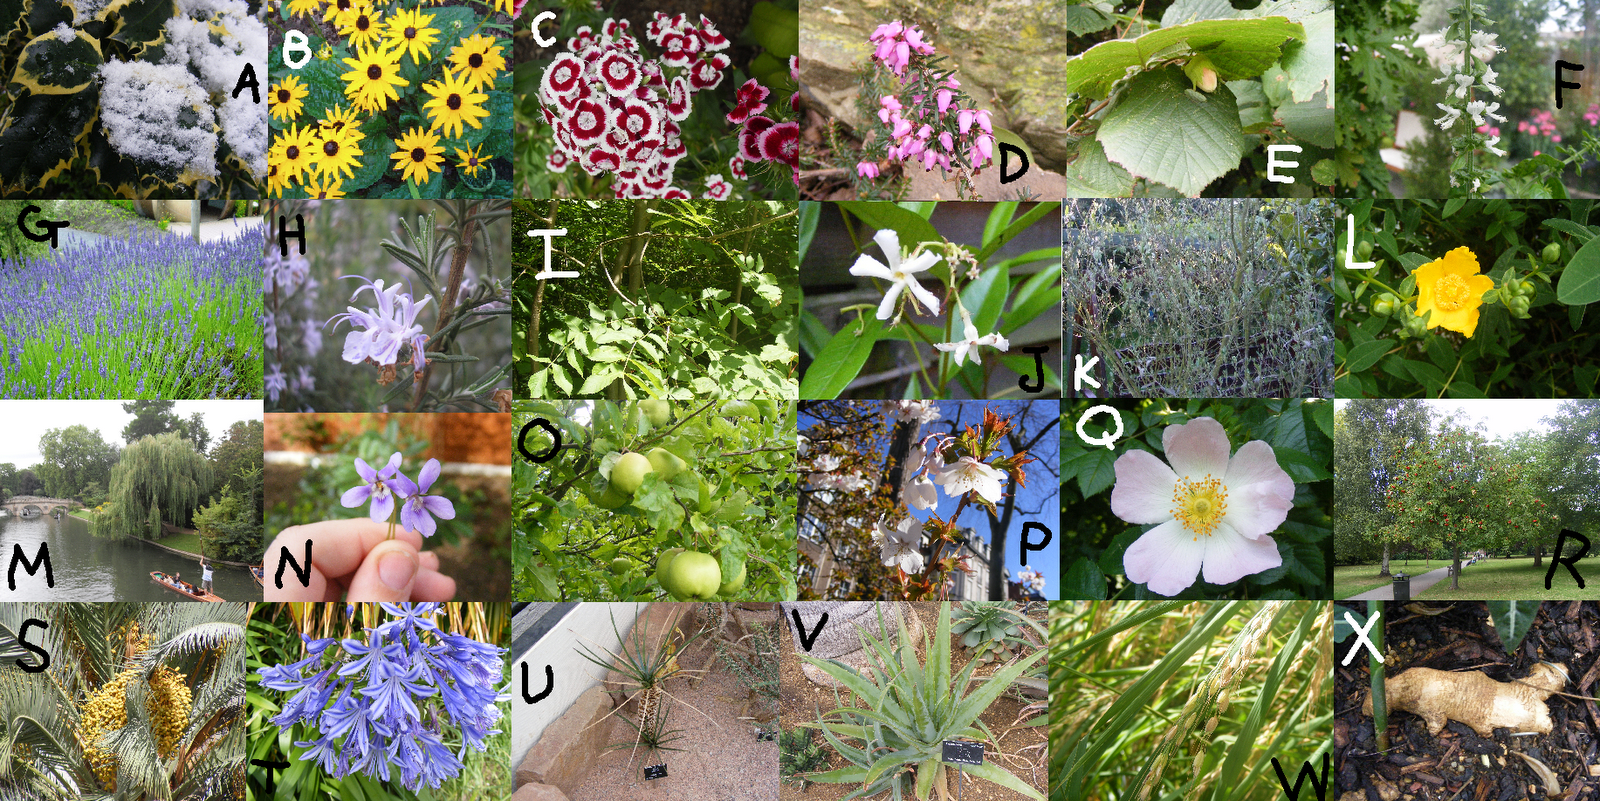 http://3.bp.blogspot.com/-JptvVw4FaFU/TrHvCwfxgeI/AAAAAAAACUk/DnPZdJueuRk/s1600/plants.PNG